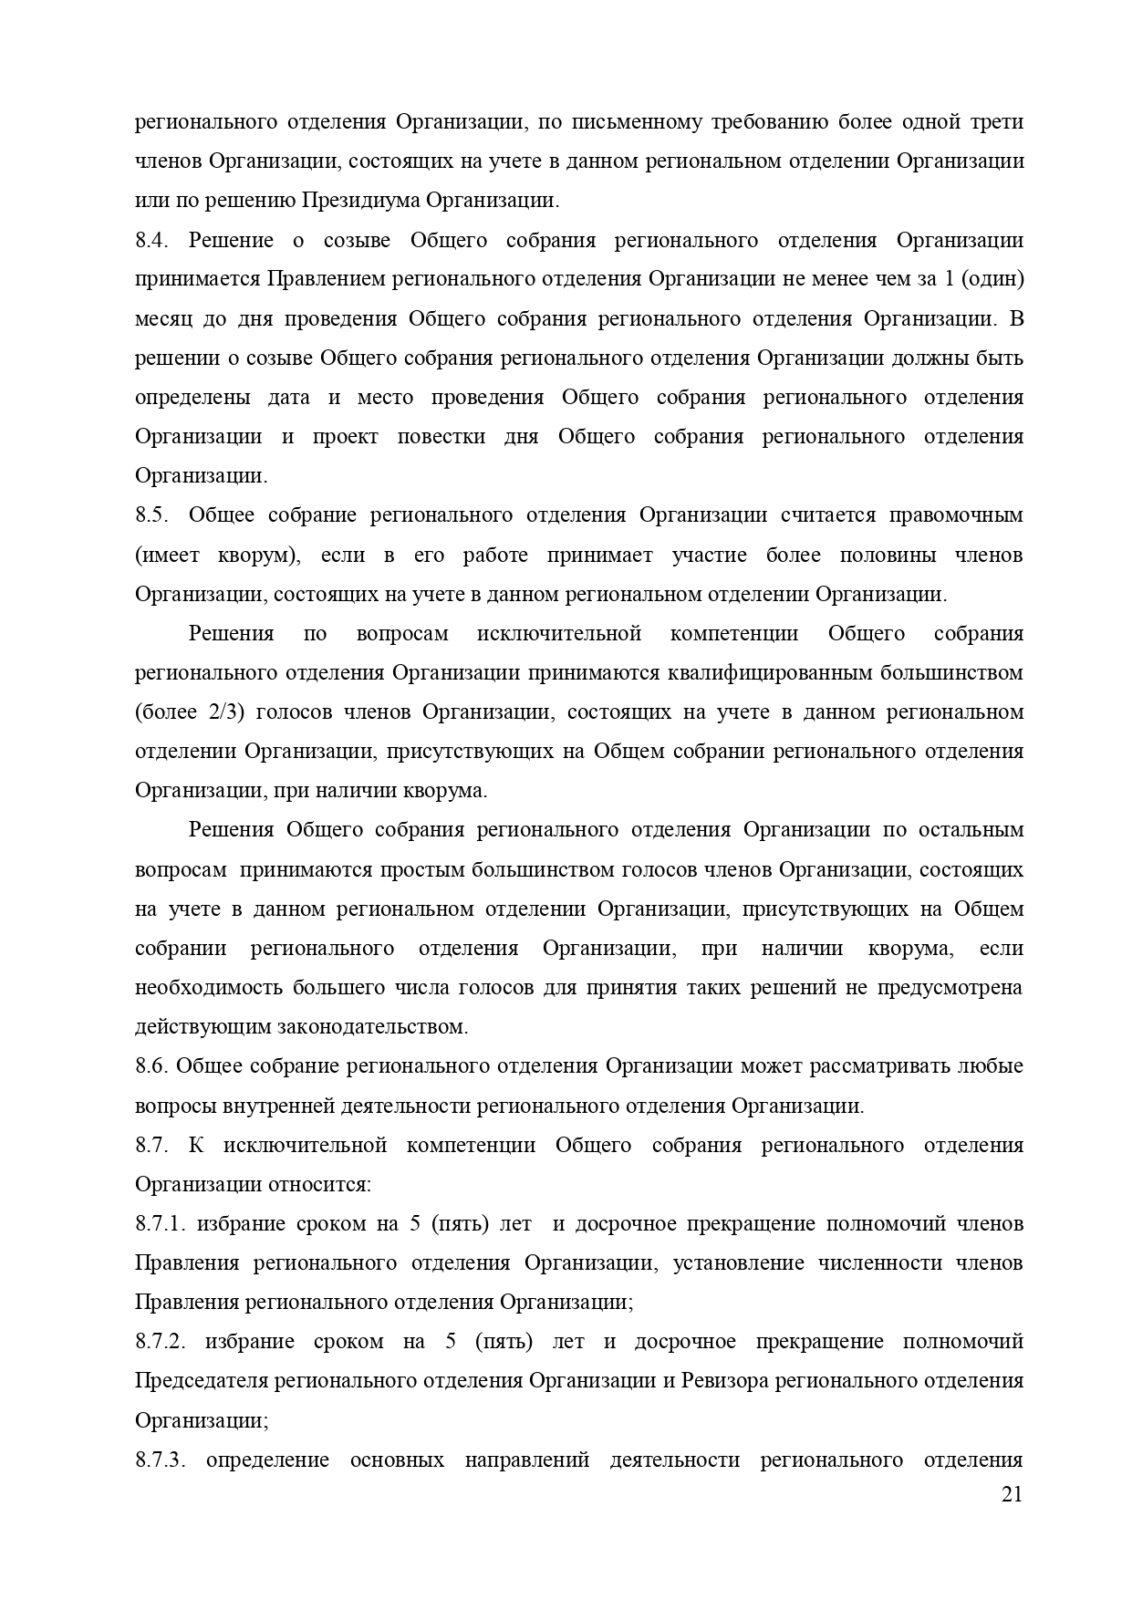 ustav_GKR_page-0021